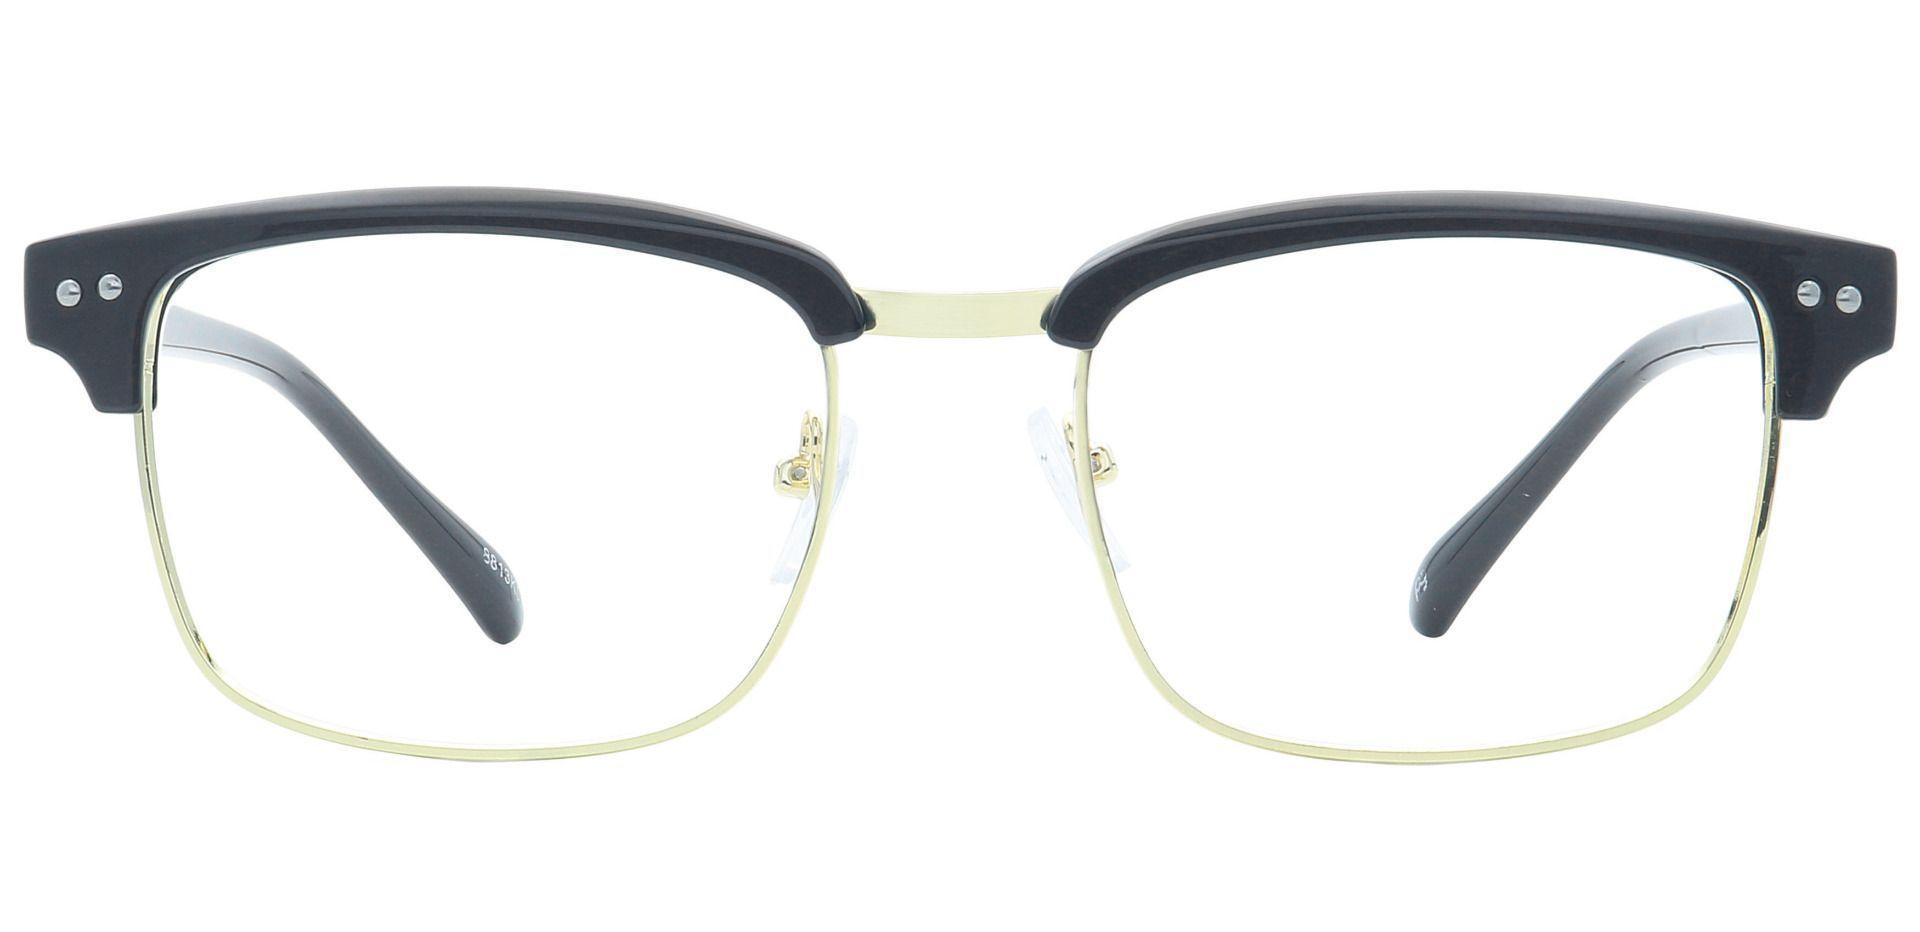 Prestige Browline Prescription Glasses - Black